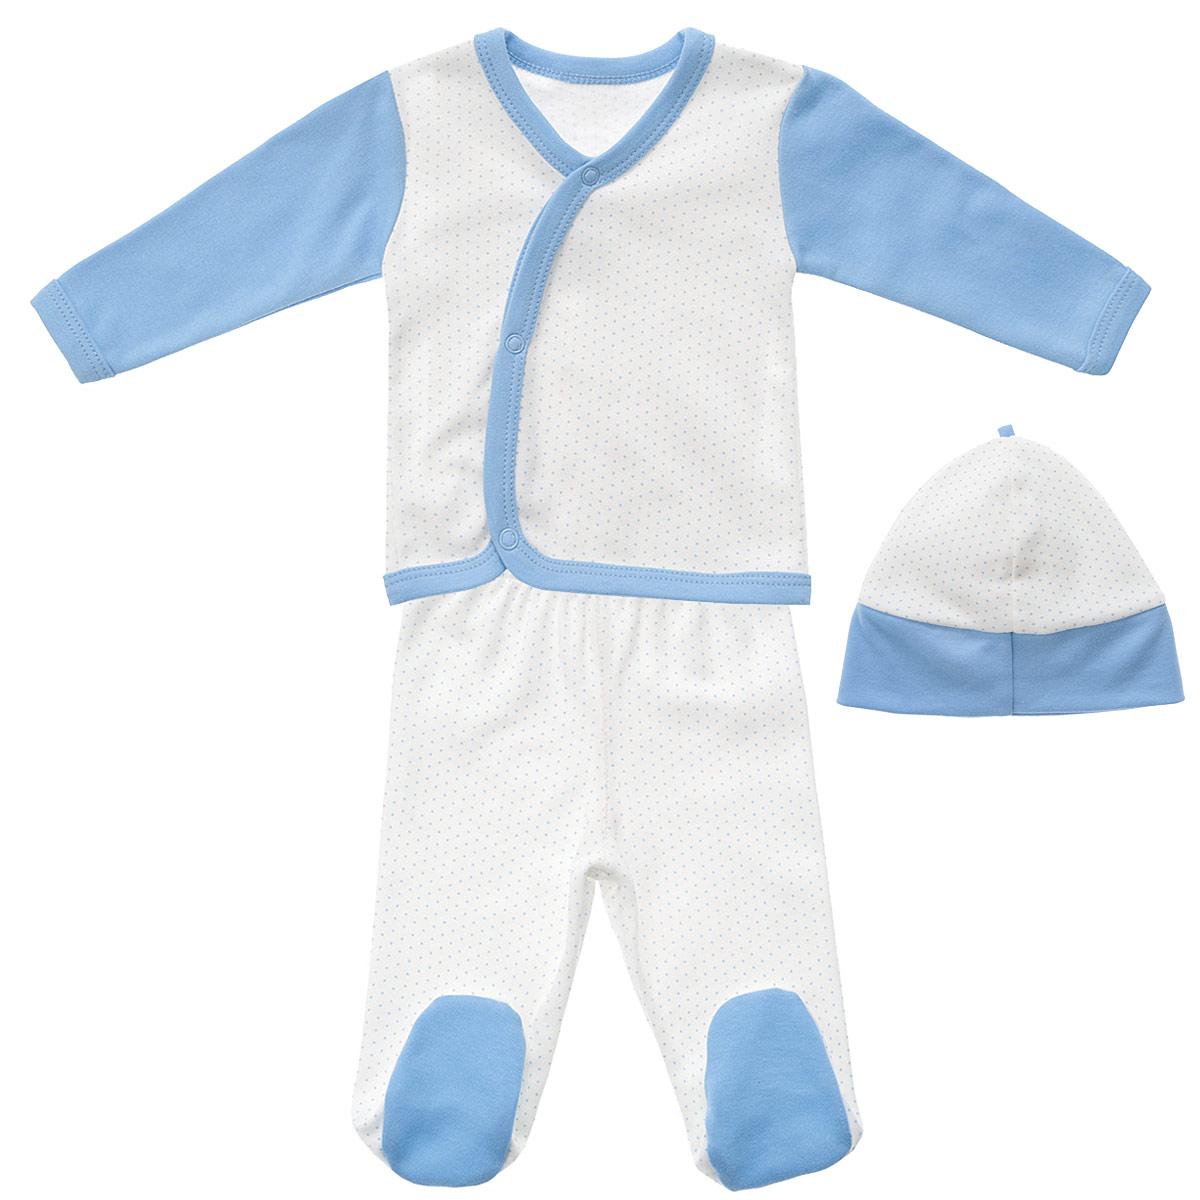 Комплект для мальчика: кофточка, ползунки, шапочка. 33С-521033С-5210Детский комплект одежды для мальчика Фреш Стайл прекрасно подойдет вашему малышу. Он включает в себя кофточку, ползунки и шапочку. Изготовлен комплект из натурального хлопка, благодаря чему он необычайно мягкий, не раздражает нежную кожу ребенка и хорошо вентилируется, а эластичные швы приятны телу крохи и не препятствуют его движениям. Кофточка с длинными рукавами и V-образным вырезом горловины спереди застегивается на металлические застежки-кнопки, что позволит легко переодеть младенца. Вырез горловины, края рукавов, низ изделия и планка с кнопками дополнены трикотажной бейкой контрастного цвета. Оформлено изделие принтом в мелкий горошек. Рукава выполнены в контрастном цвете. Ползунки с закрытыми ножками на талии имеют эластичную резинку, не сдавливающую животик ребенка, обеспечивая наибольший комфорт. Оформлено изделие принтом в мелкий горошек. Стопы выполнены из однотонной ткани контрастного цвета. Шапочка защищает еще не заросший родничок от ветра и солнца....